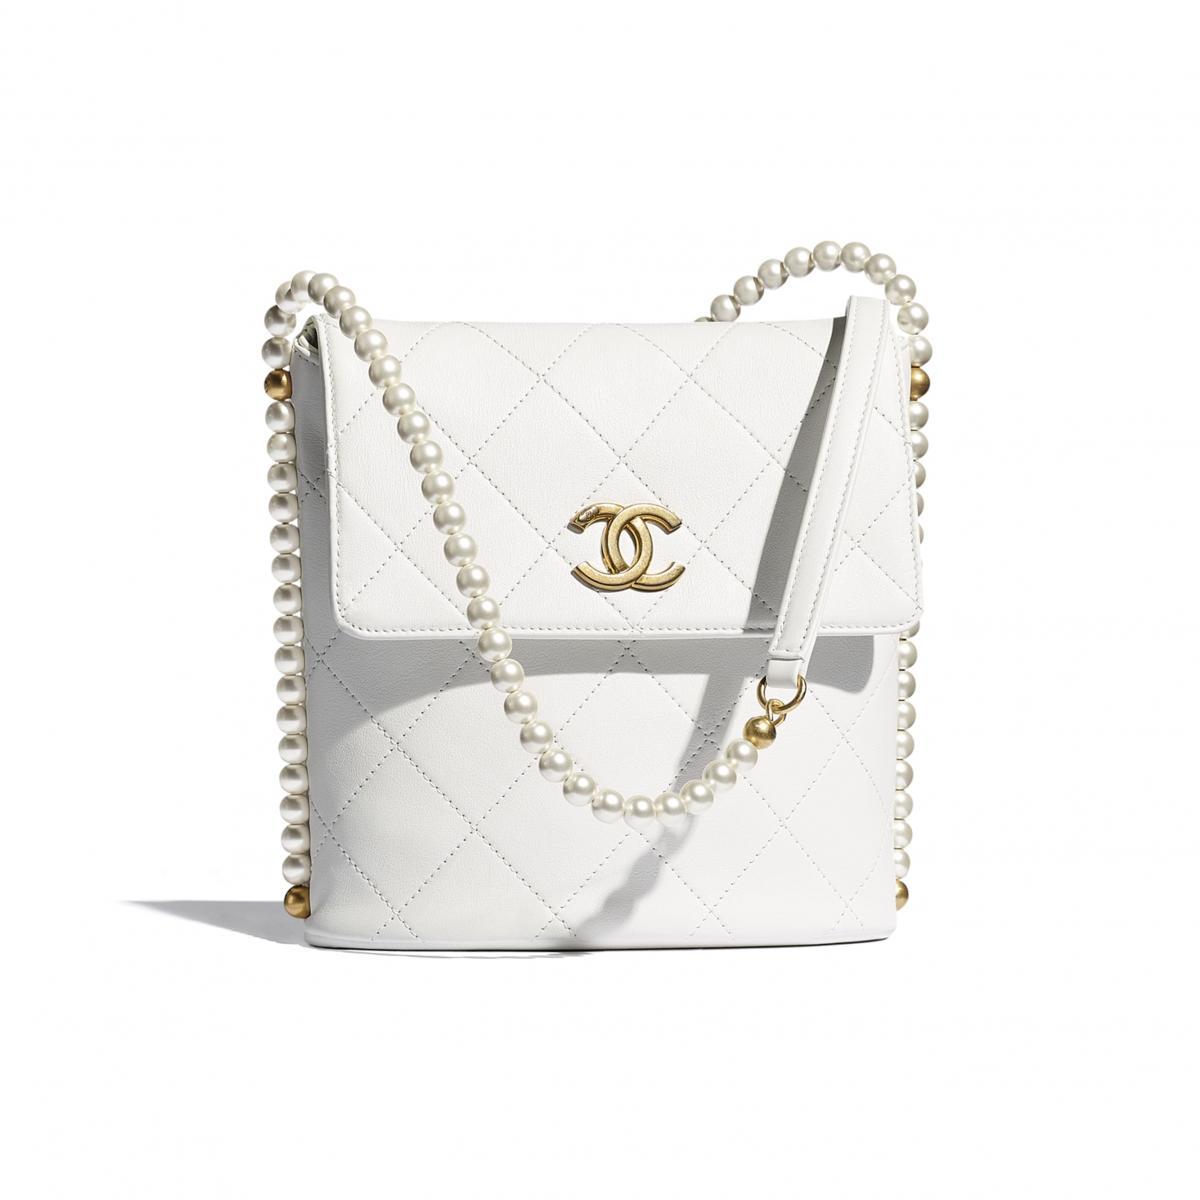 白色方包推薦Top10!Chanel、Dior、LV....百搭又經典,第一款精品包就選它!-0